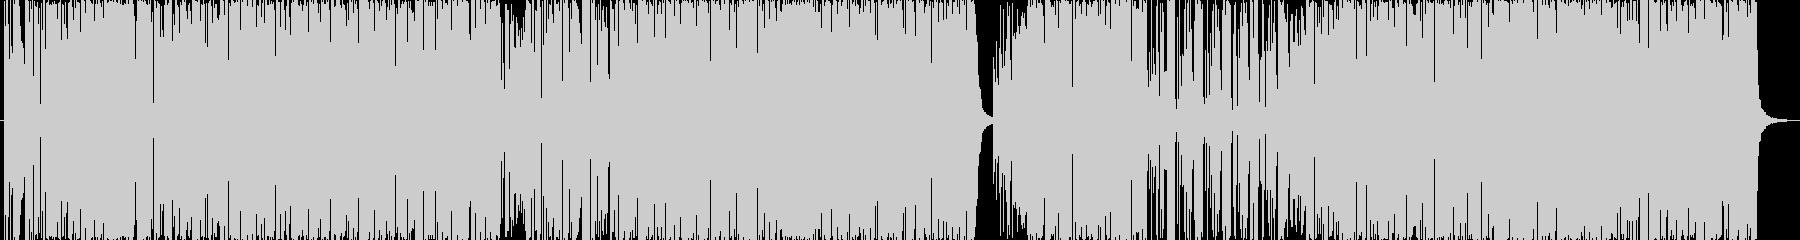 ファンク。レゲエ。の未再生の波形